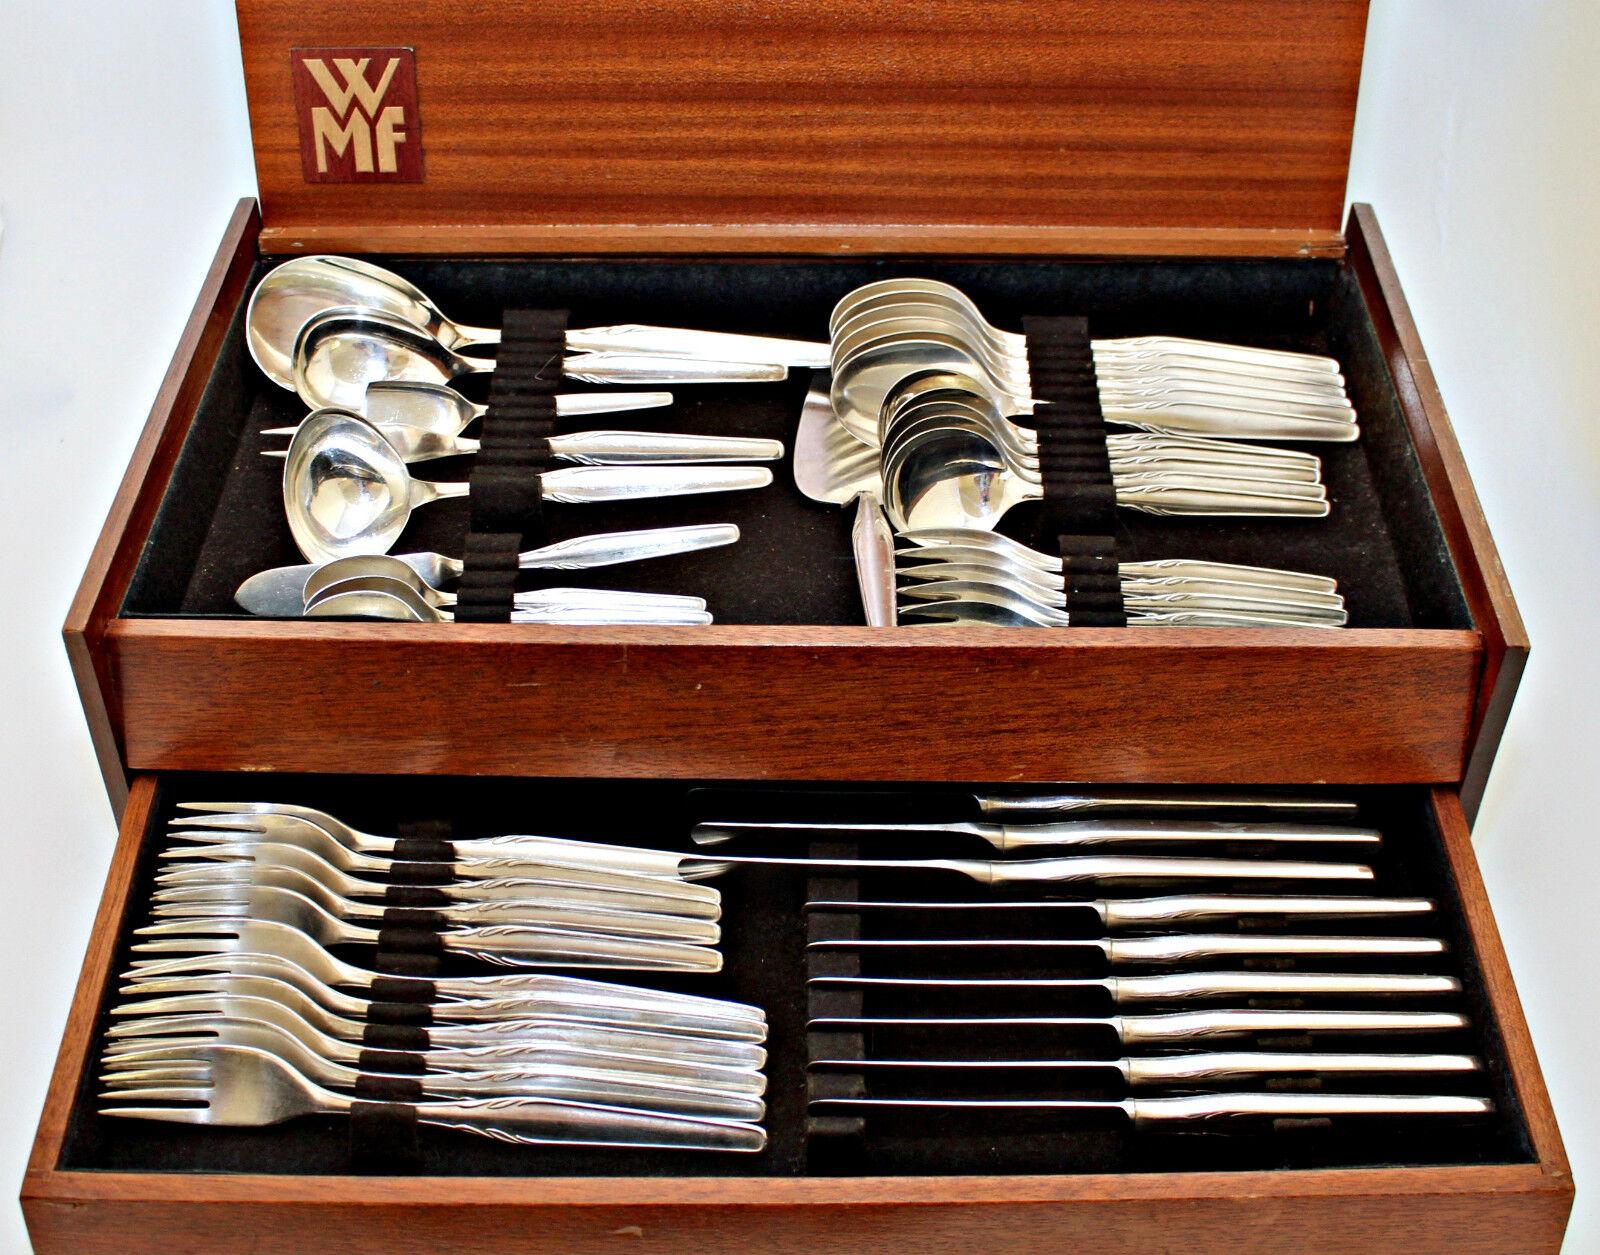 Wmf couverts 90 il ARGENT  paris  50 pièces couverts encadré Couteau Fourchette Cuillère